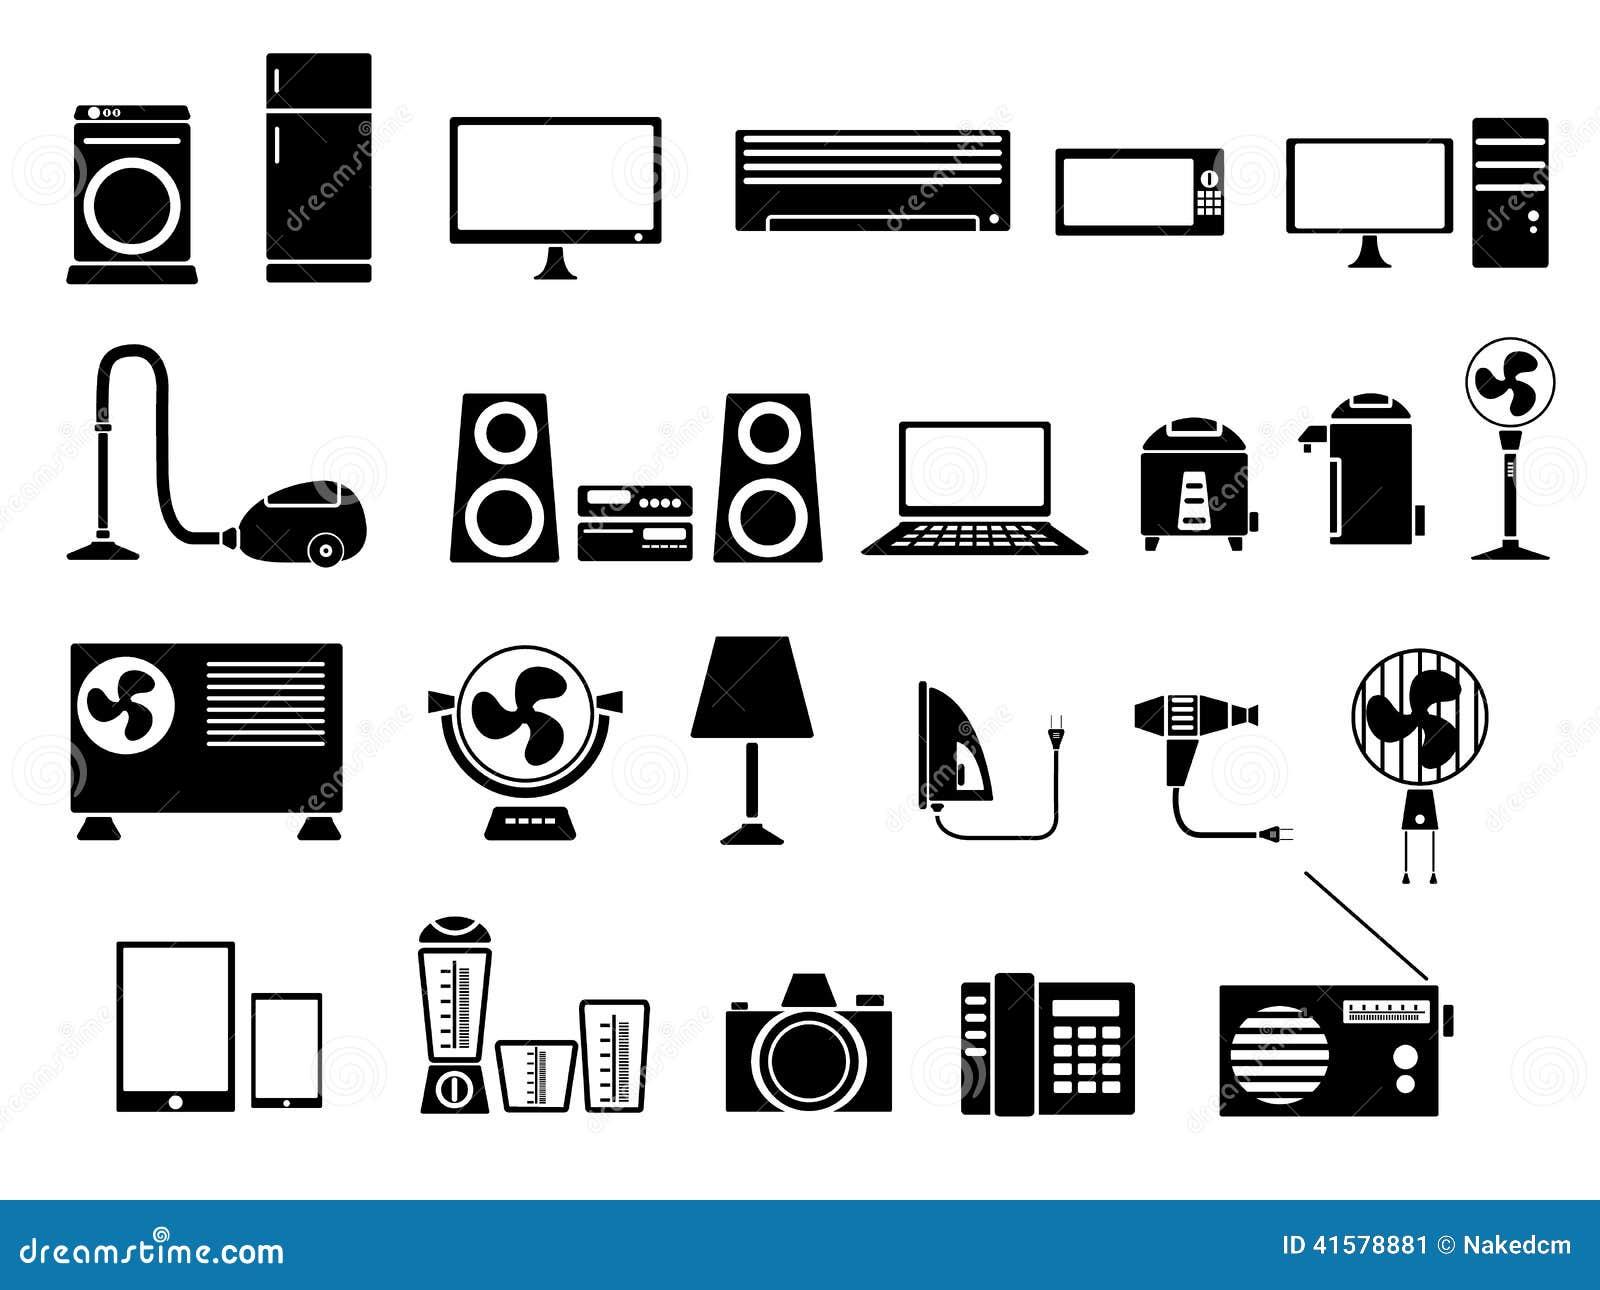 Image Result For L Electronics Symbol